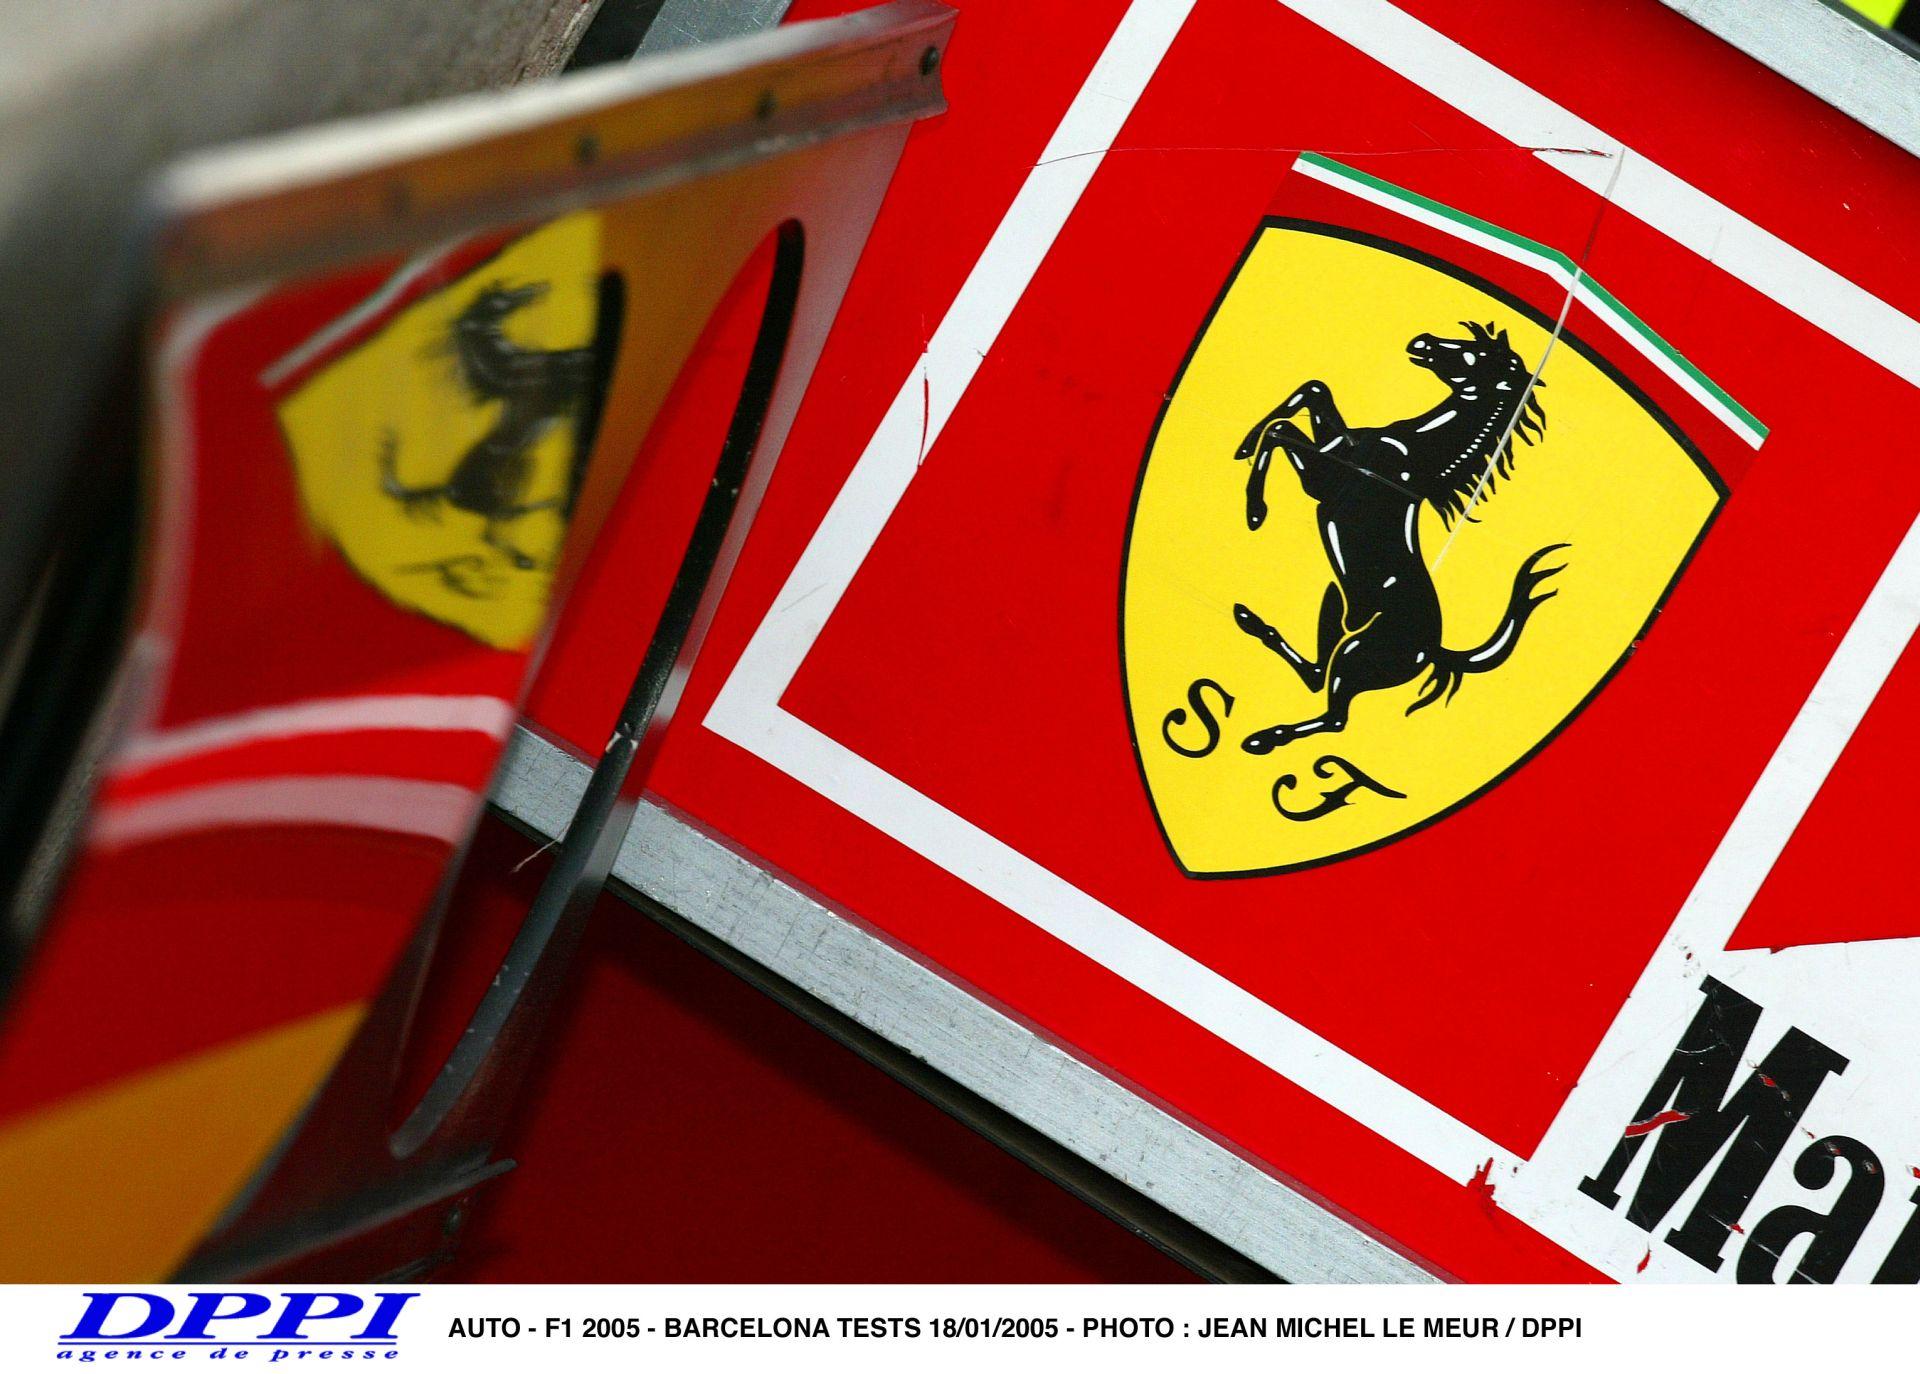 Egy olyan F1-es látvány, amit nehéz felülmúlni: Ferrari...